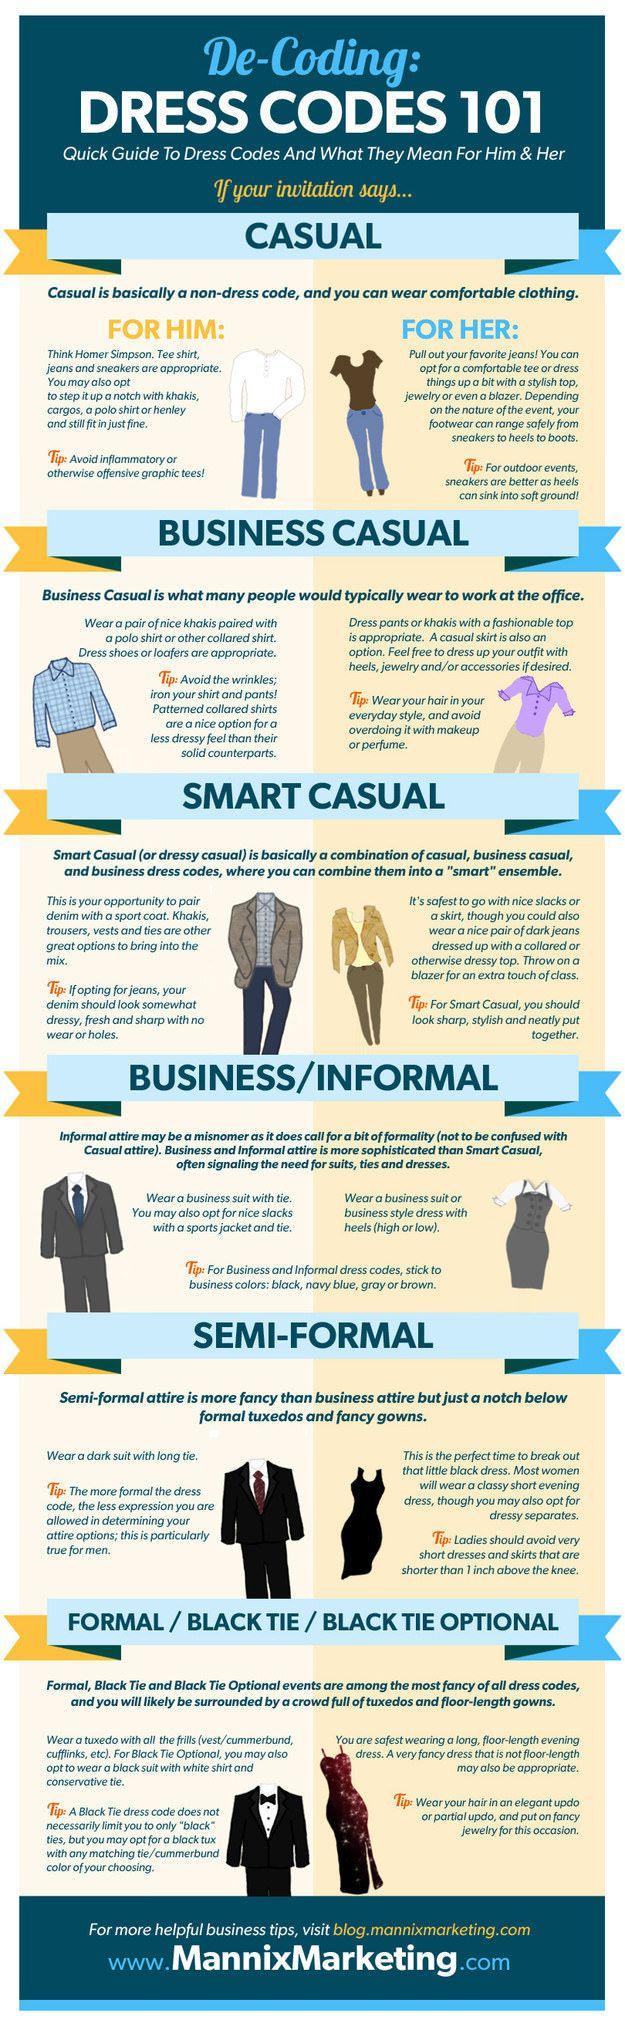 วิธีแต่งตัวให้ดูดี Dress Code